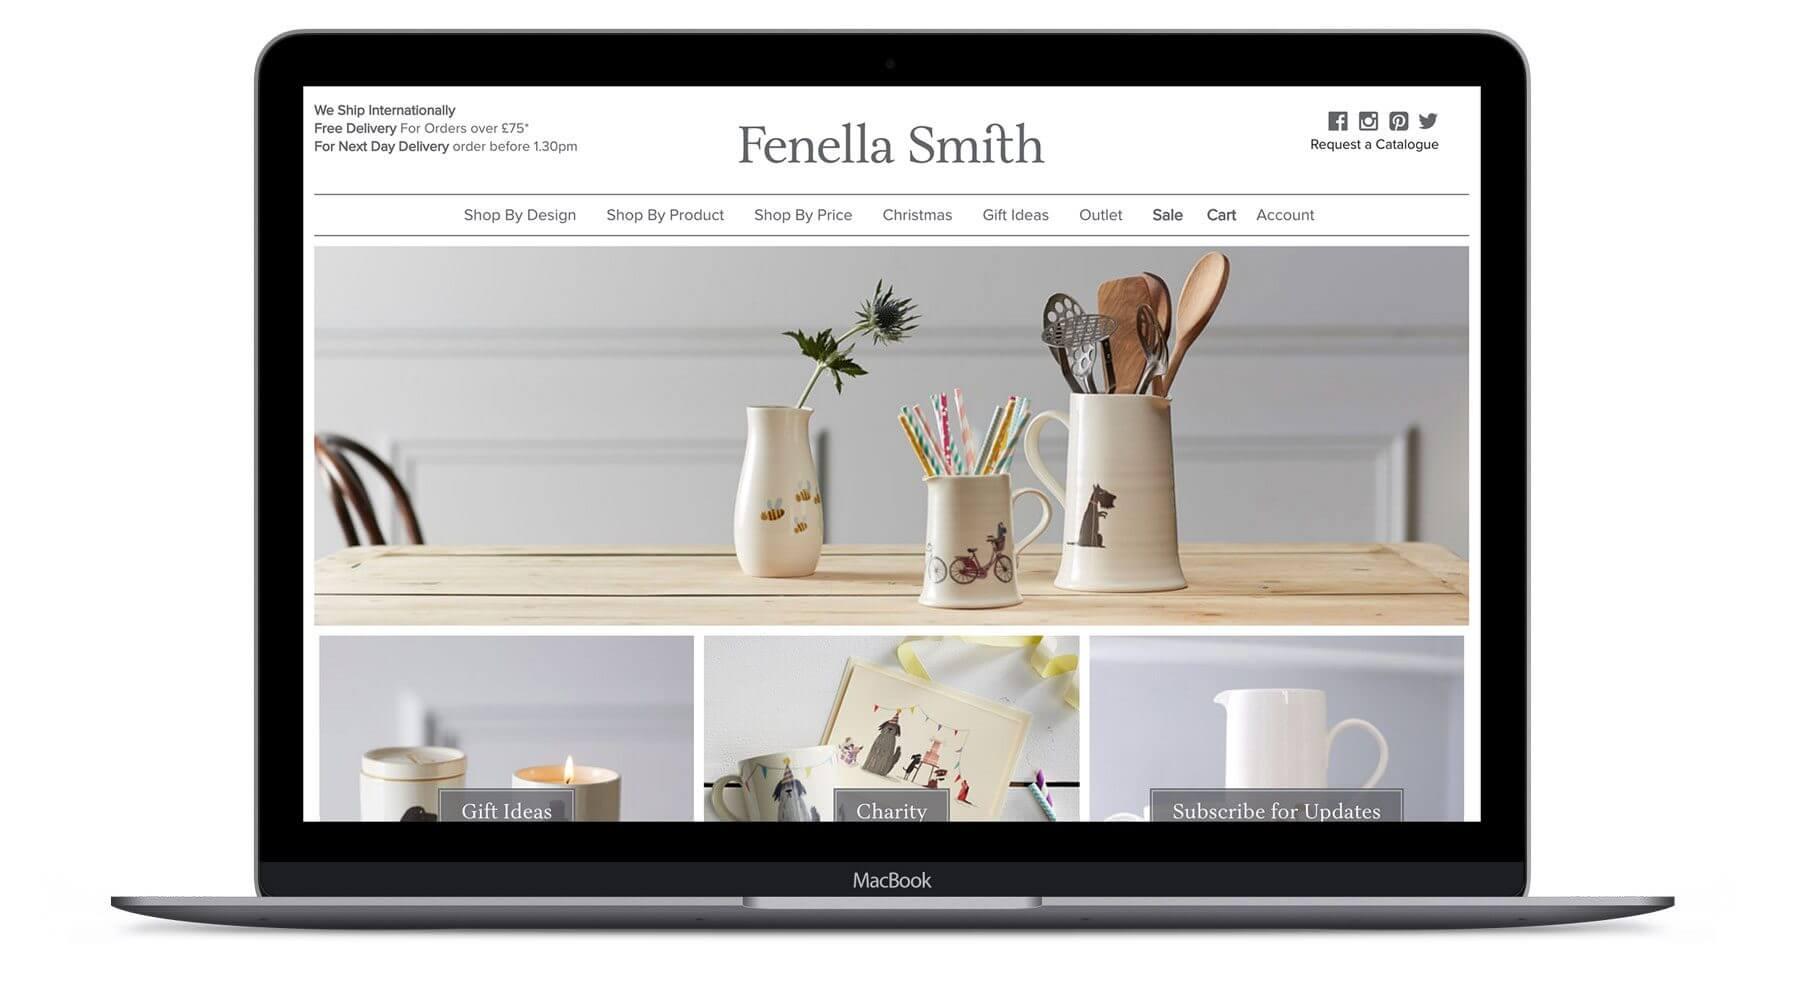 Fenella Smith  - Ecommerce Web Design